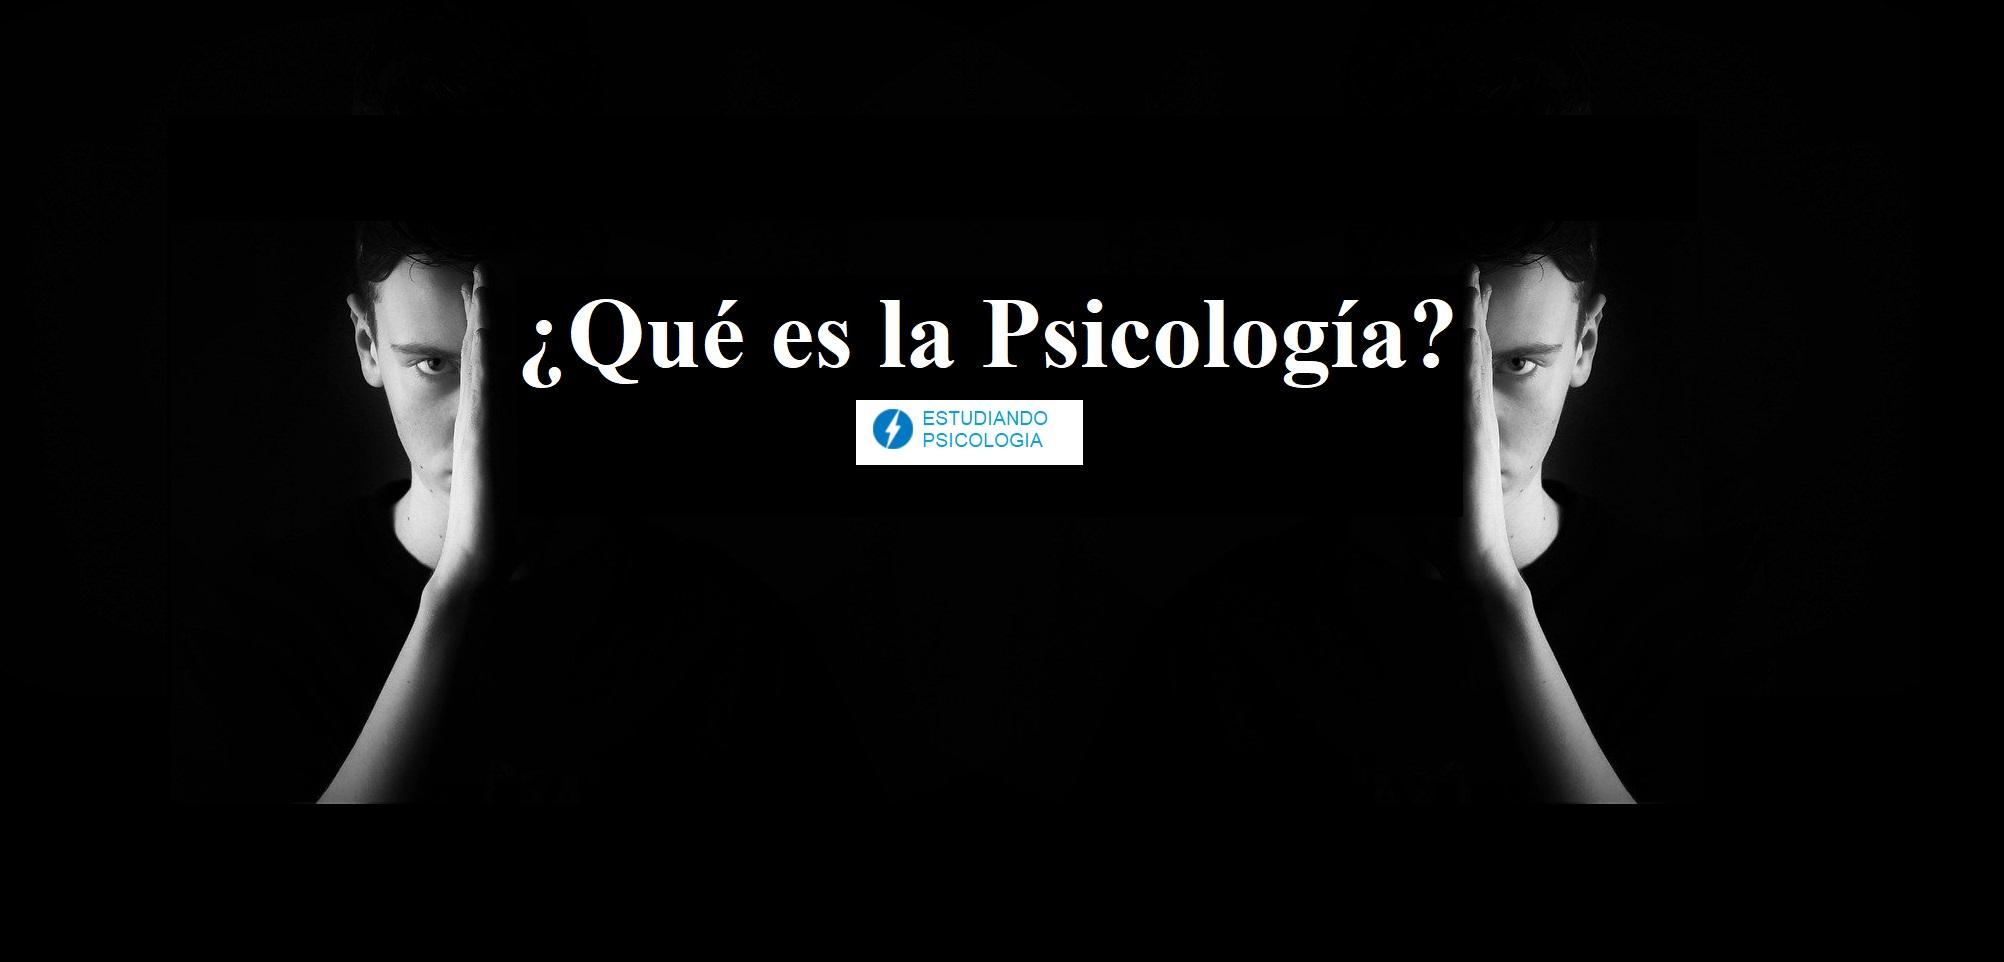 Así que quieres estudiar psicología, pero ¿Qué es la Psicología?